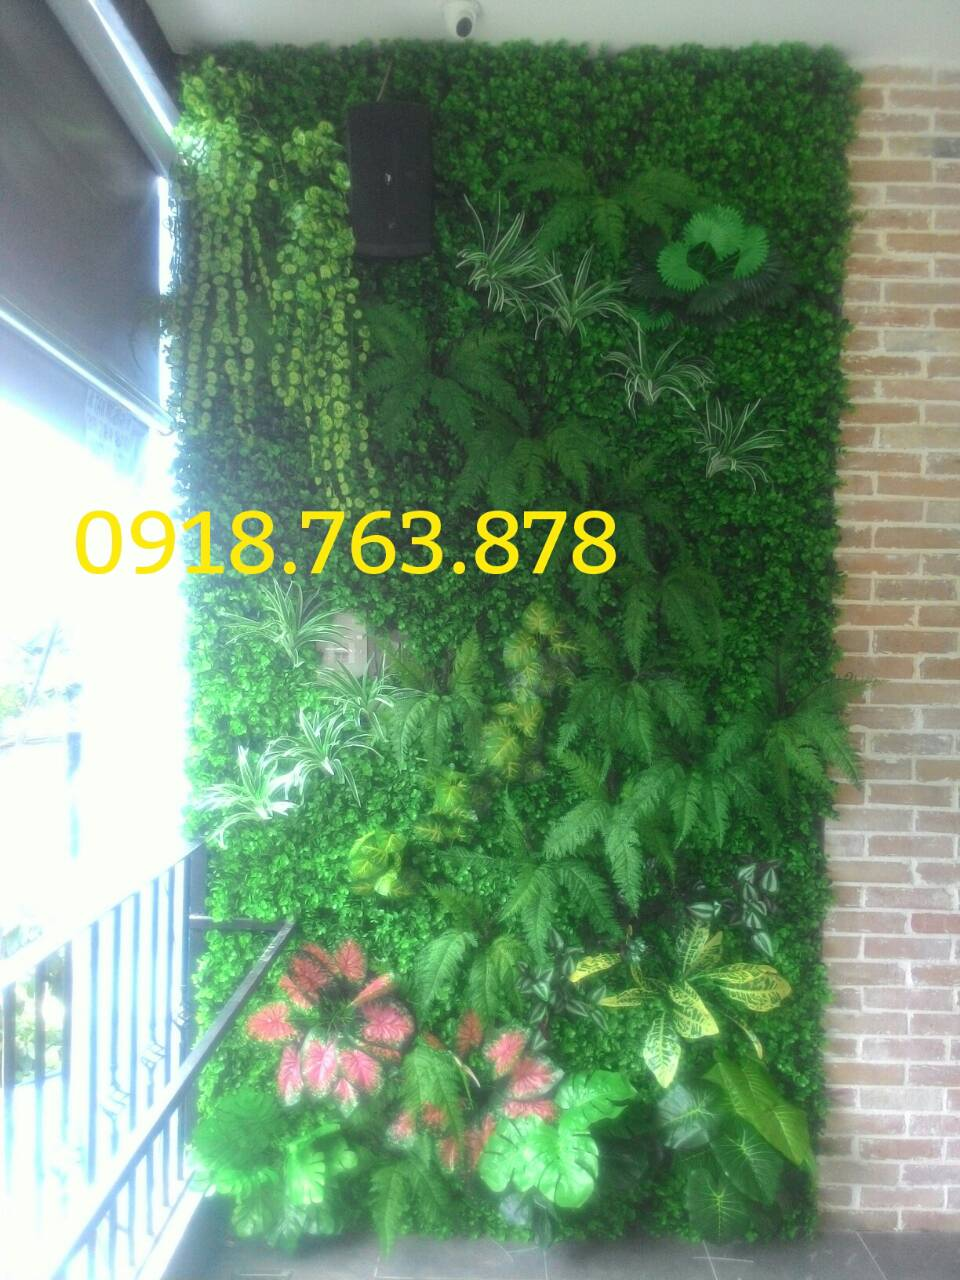 Công ty thi công tường cây giả, tường cỏ giả tại Thủ Đức